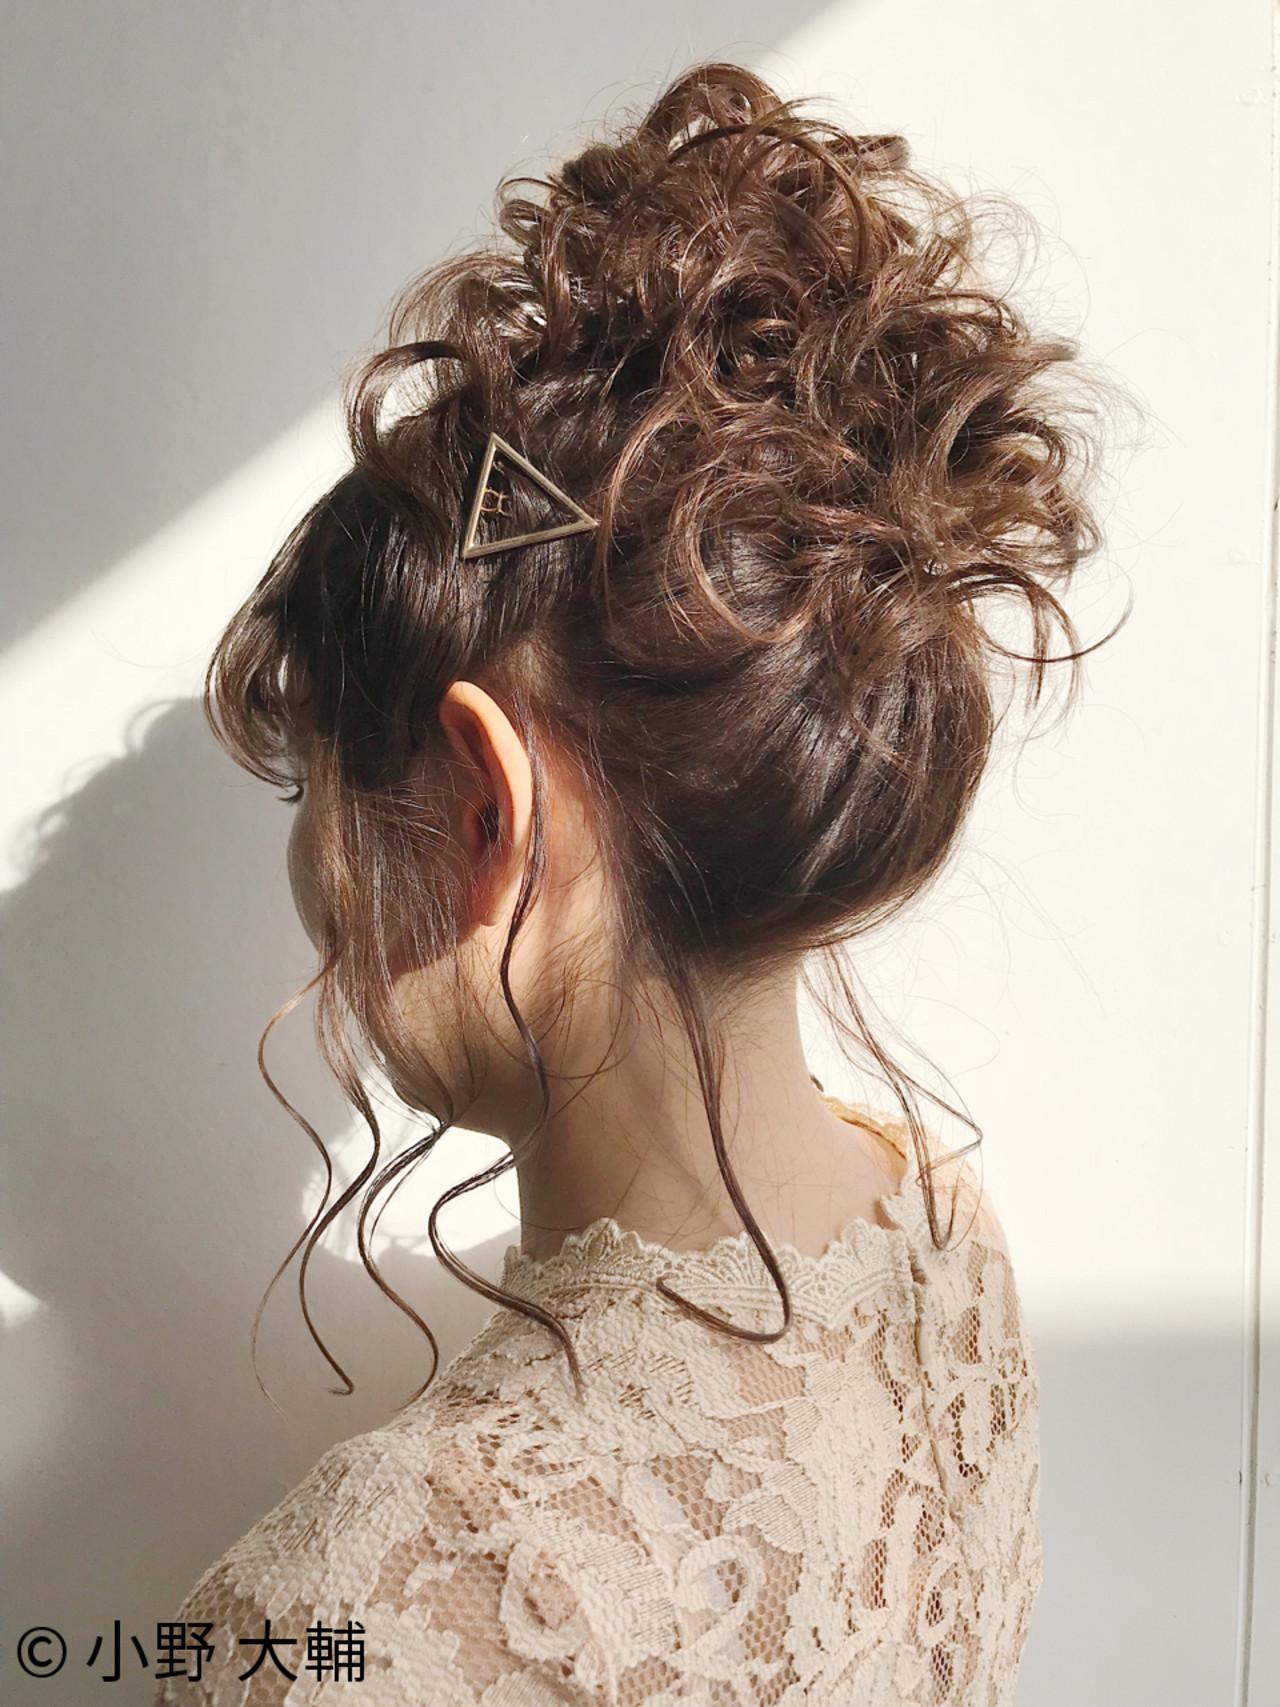 お団子 ヘアアレンジ 愛され 結婚式 ヘアスタイルや髪型の写真・画像